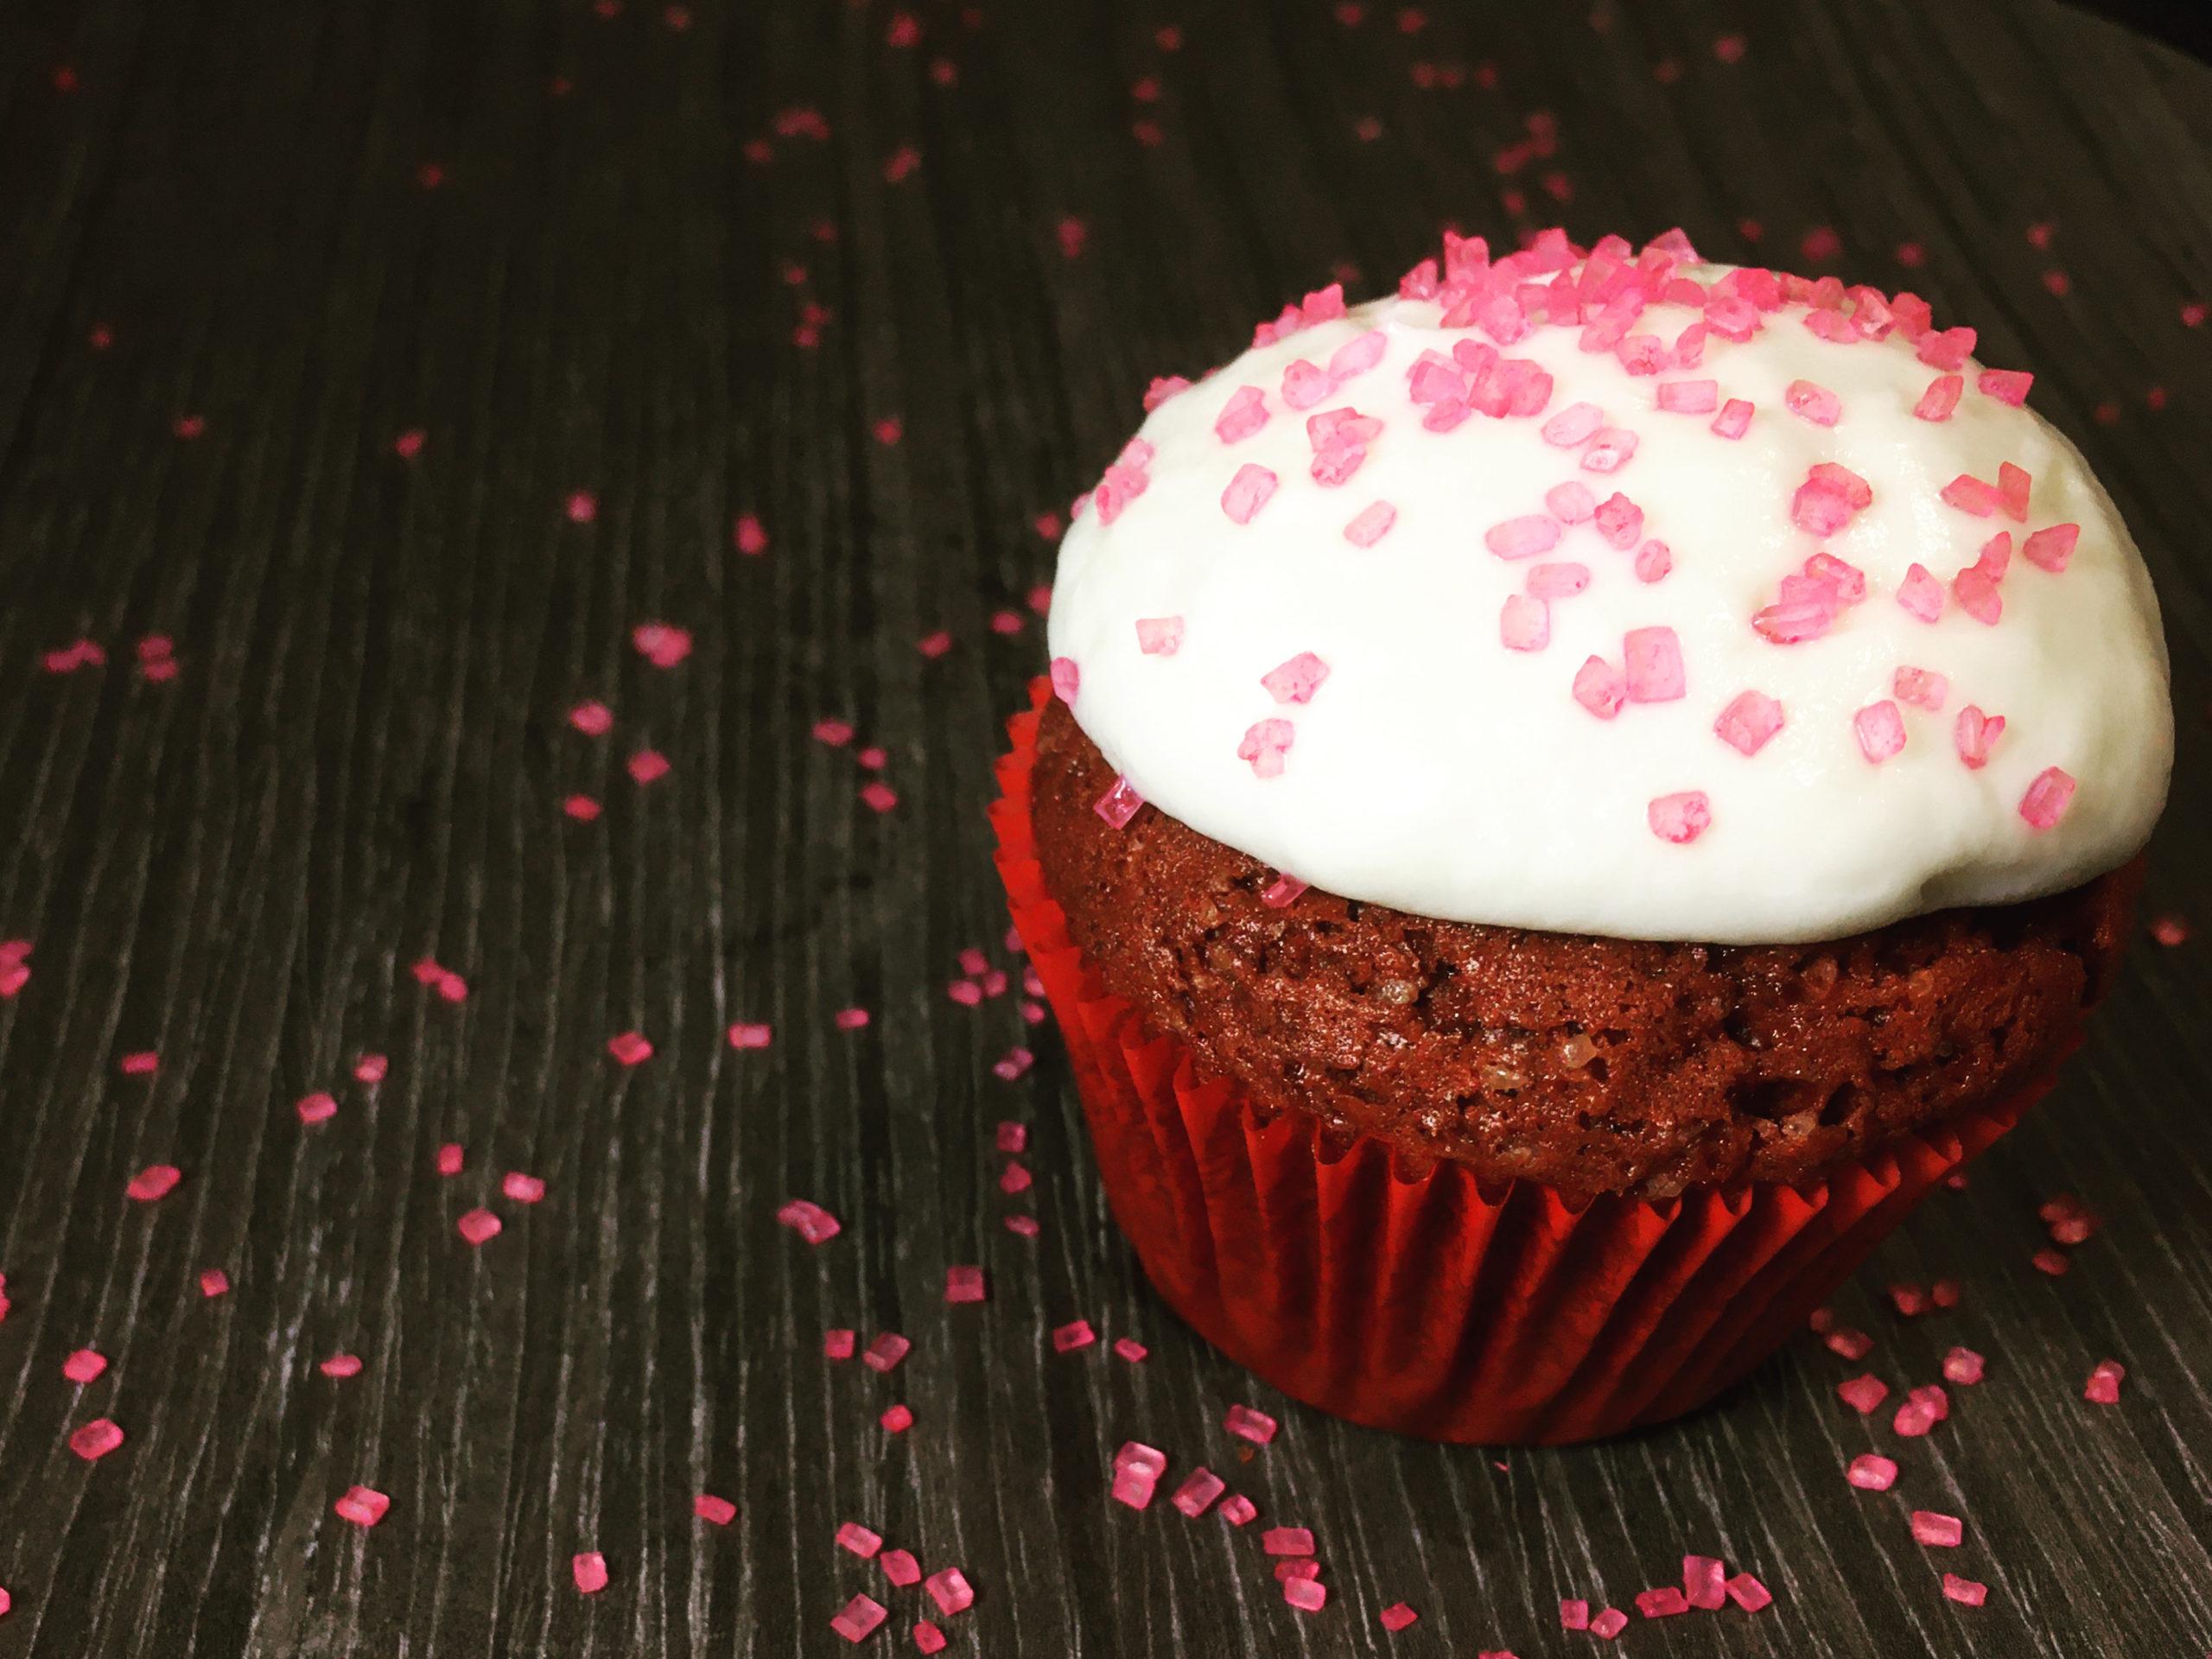 chez-meme-cours-de-cuisine-cupcake-red-velvet-saint-valentin-recette-alsace